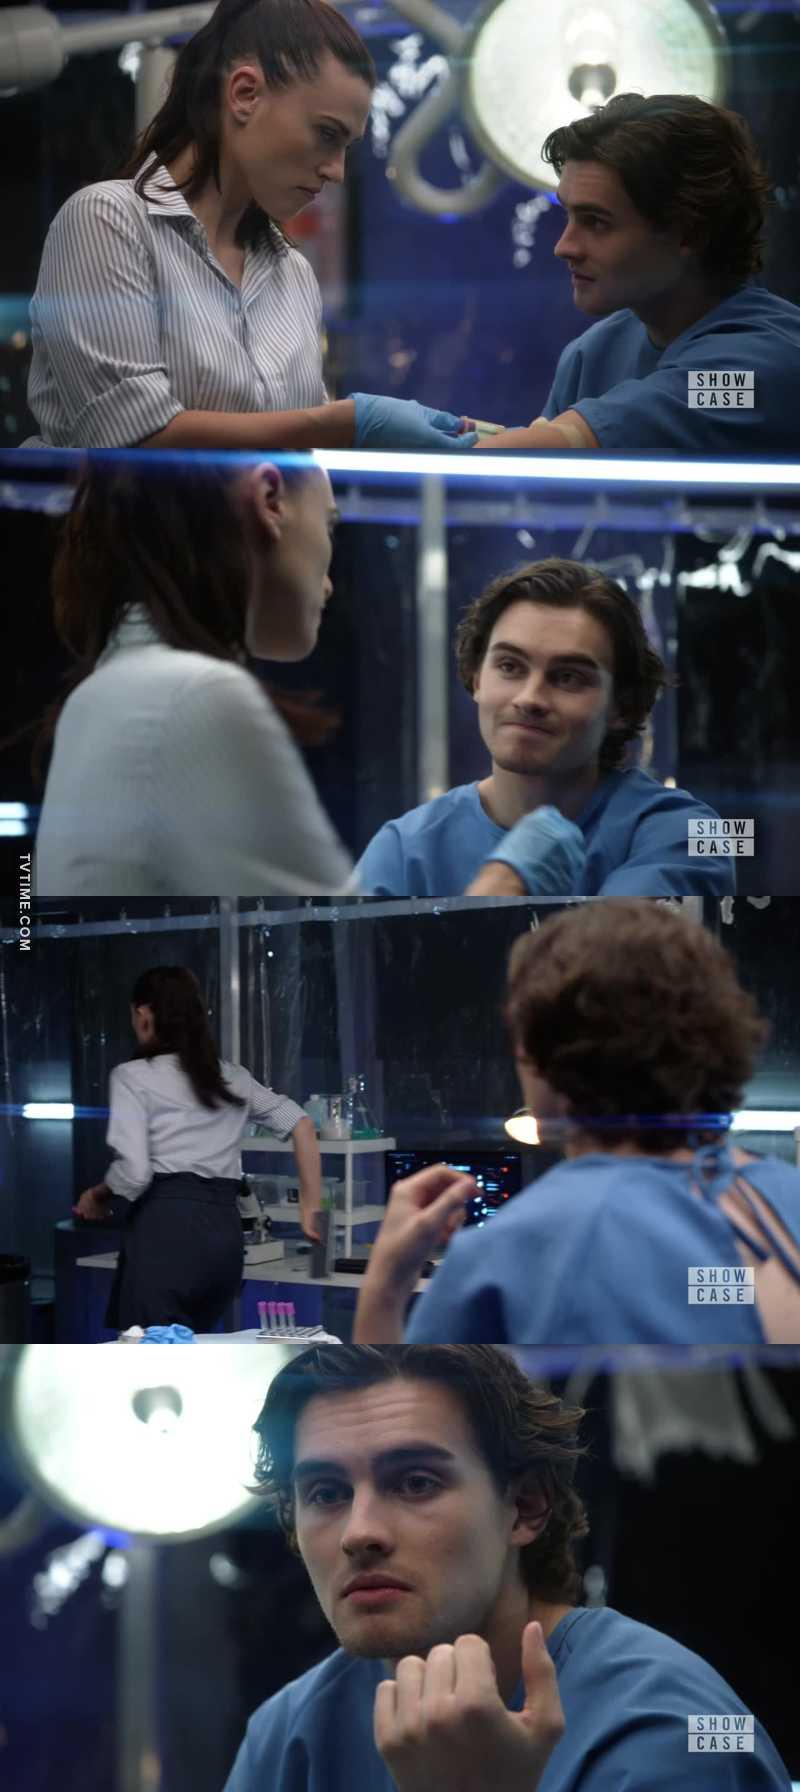 """Adam: """"Quando eu vou conhecer o homem por trás desse experimento?"""" Lenna: """"Já conheceu, eu sou a cientista"""" TOMA ESSE PISÃOOOOO NA CARA SOCIEDADE. #GIRLPOWER #FEMINIST"""